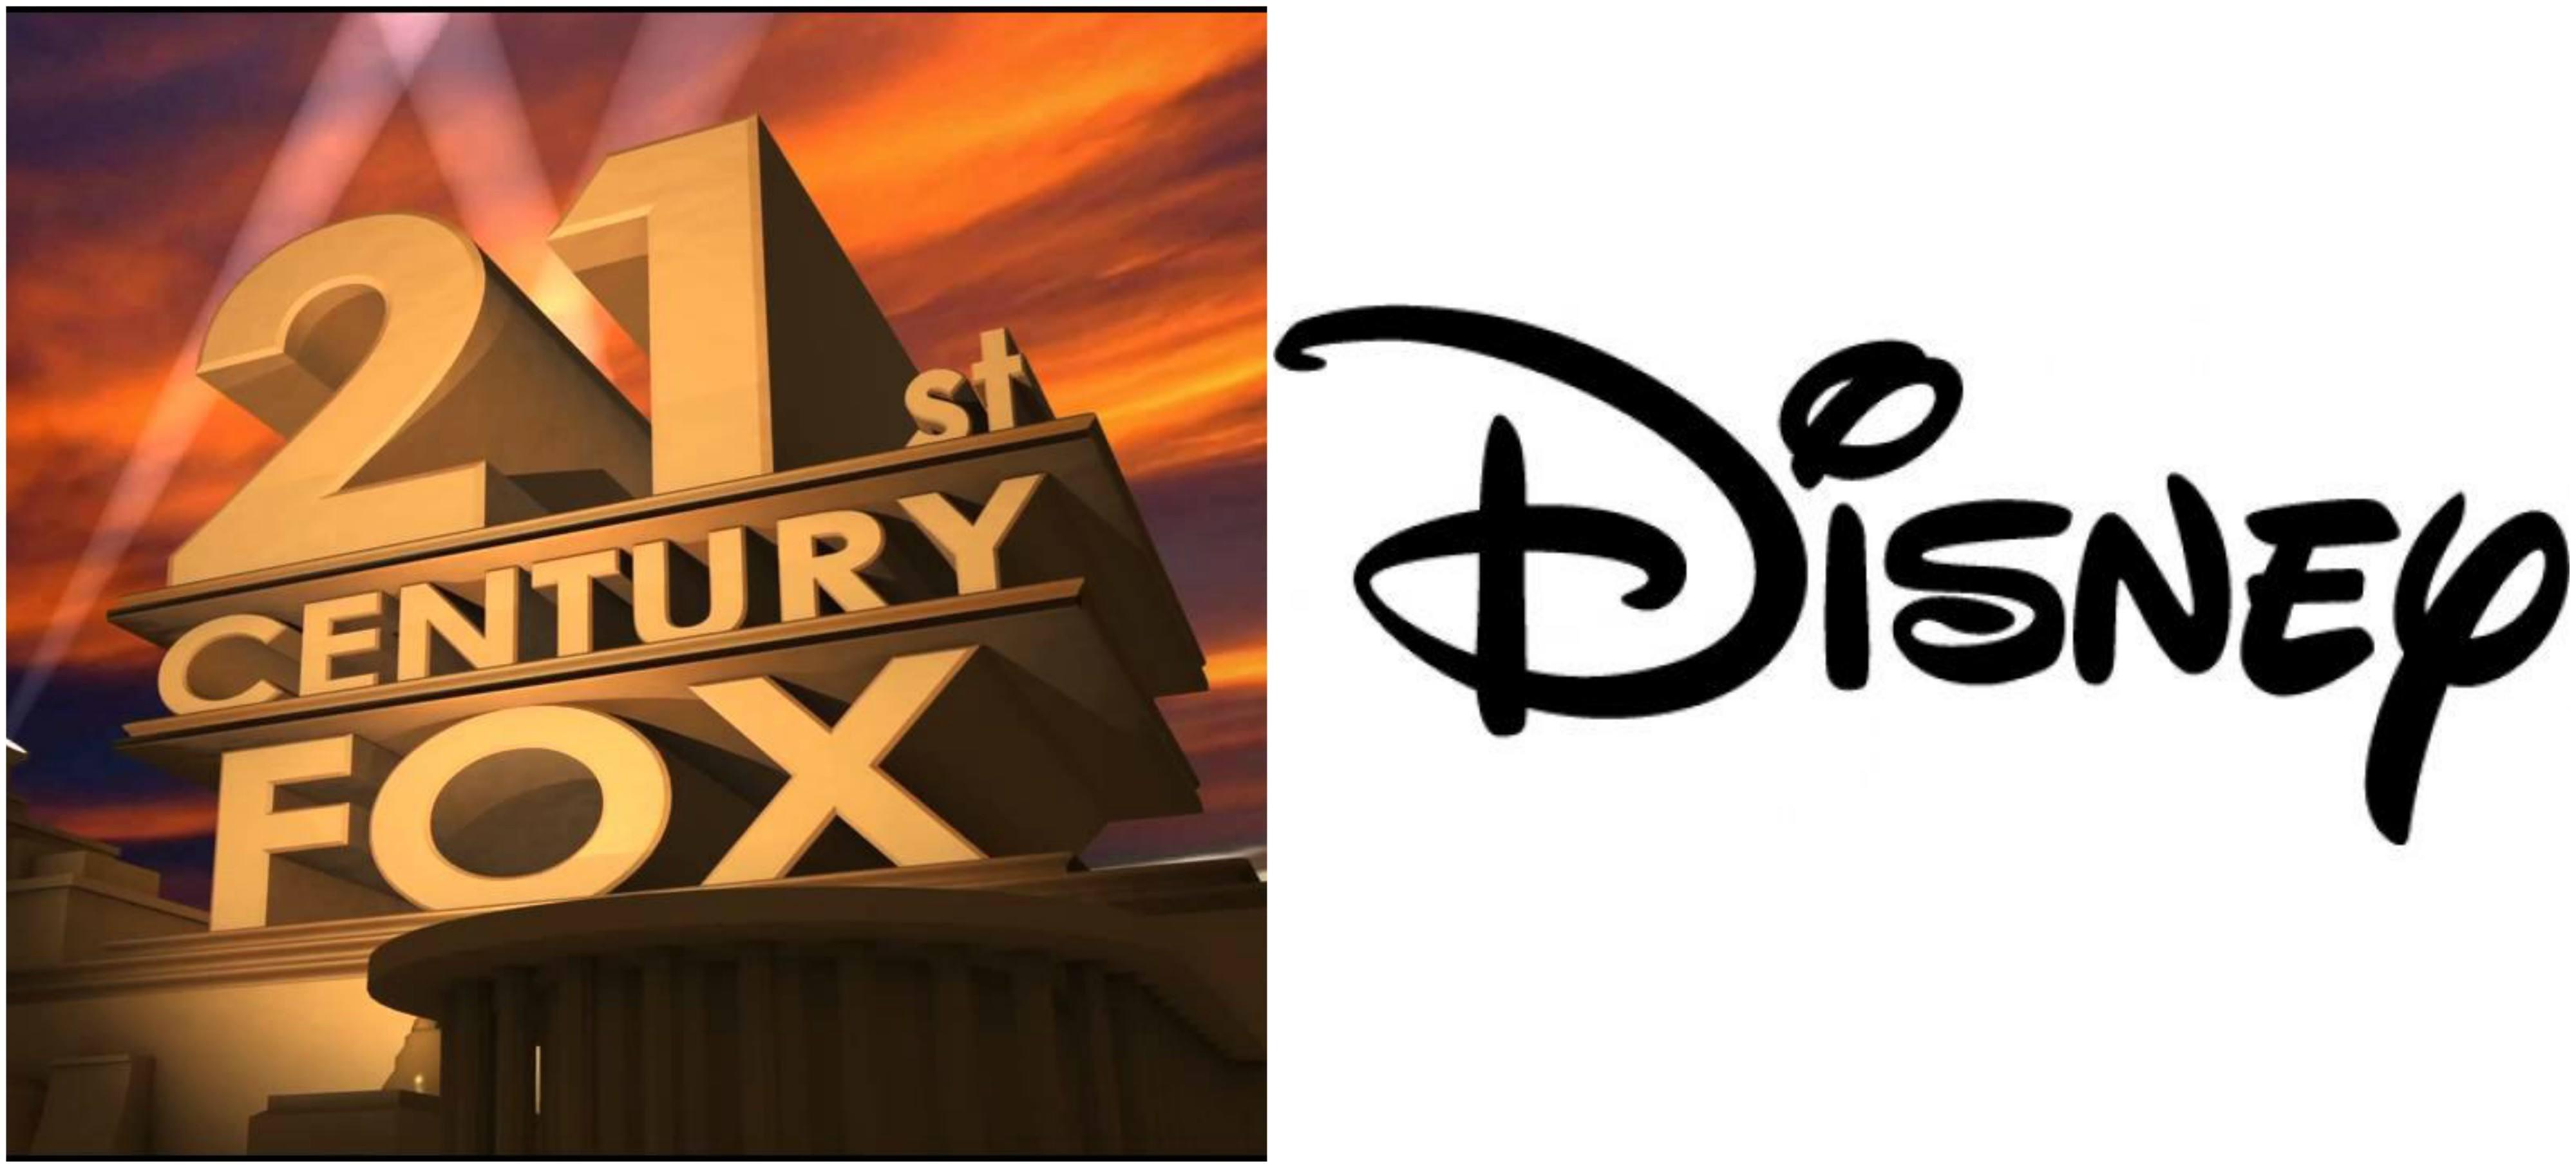 迪士尼收购福斯!好莱坞六大公司将从此变成五大醋泡黄瓜能减肥吗